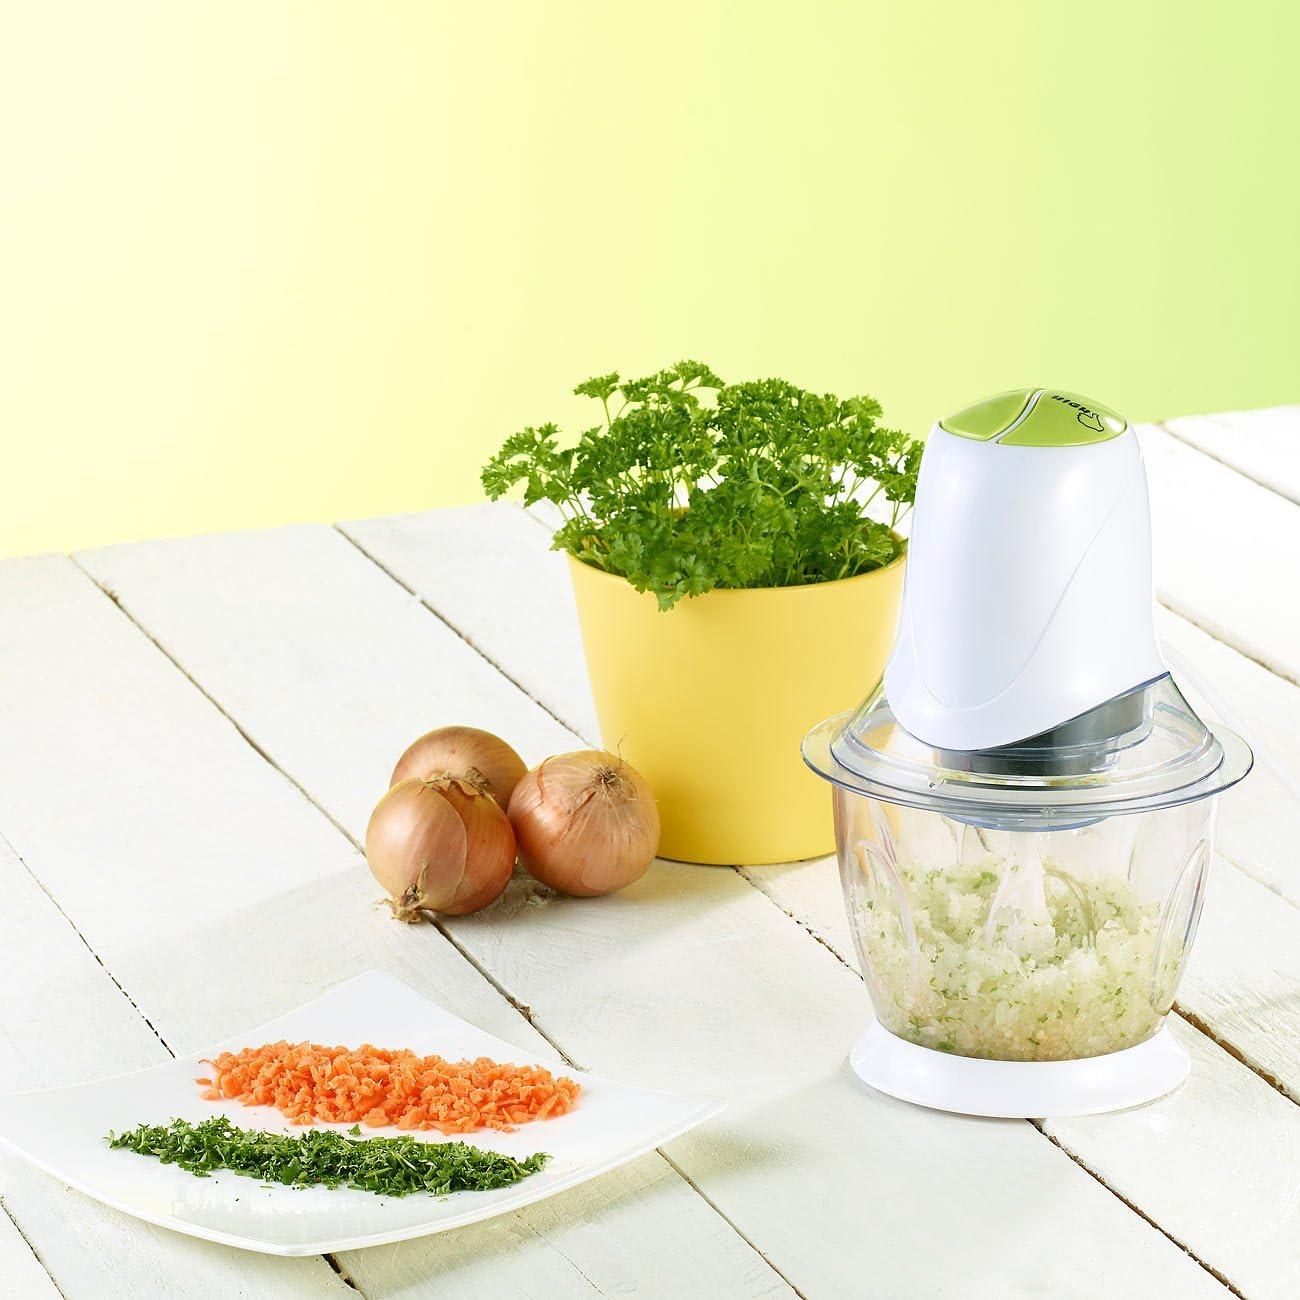 Pearl Mini trituradora: minipicadora eléctrica, 2 cuchillas, 300 W, depósito, 1,2 l (picadora de cebolla eléctrica): Amazon.es: Hogar